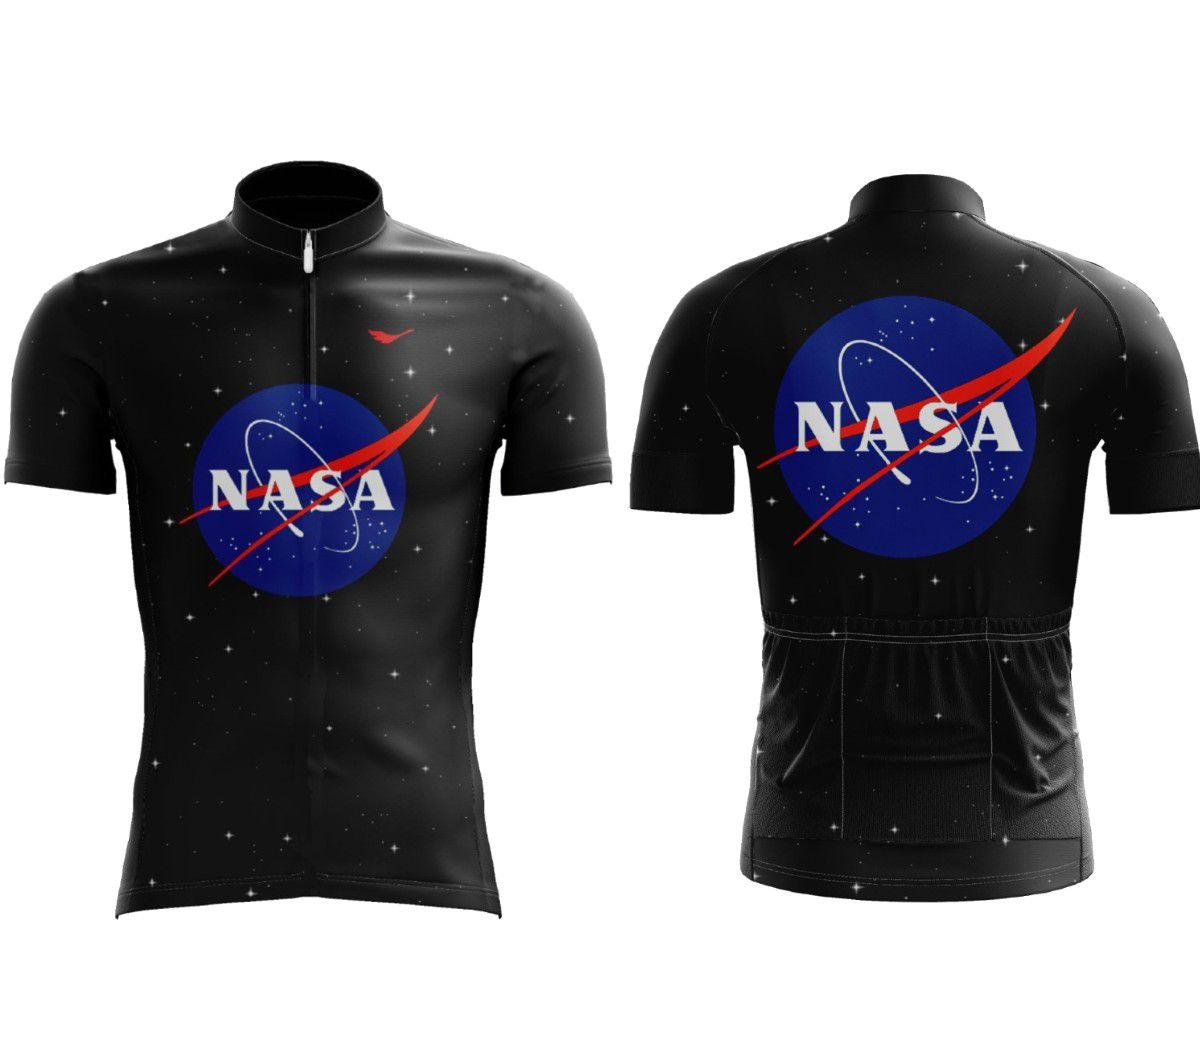 CAMISA SCAPE NASA PRETA E AZUL CICLISMO